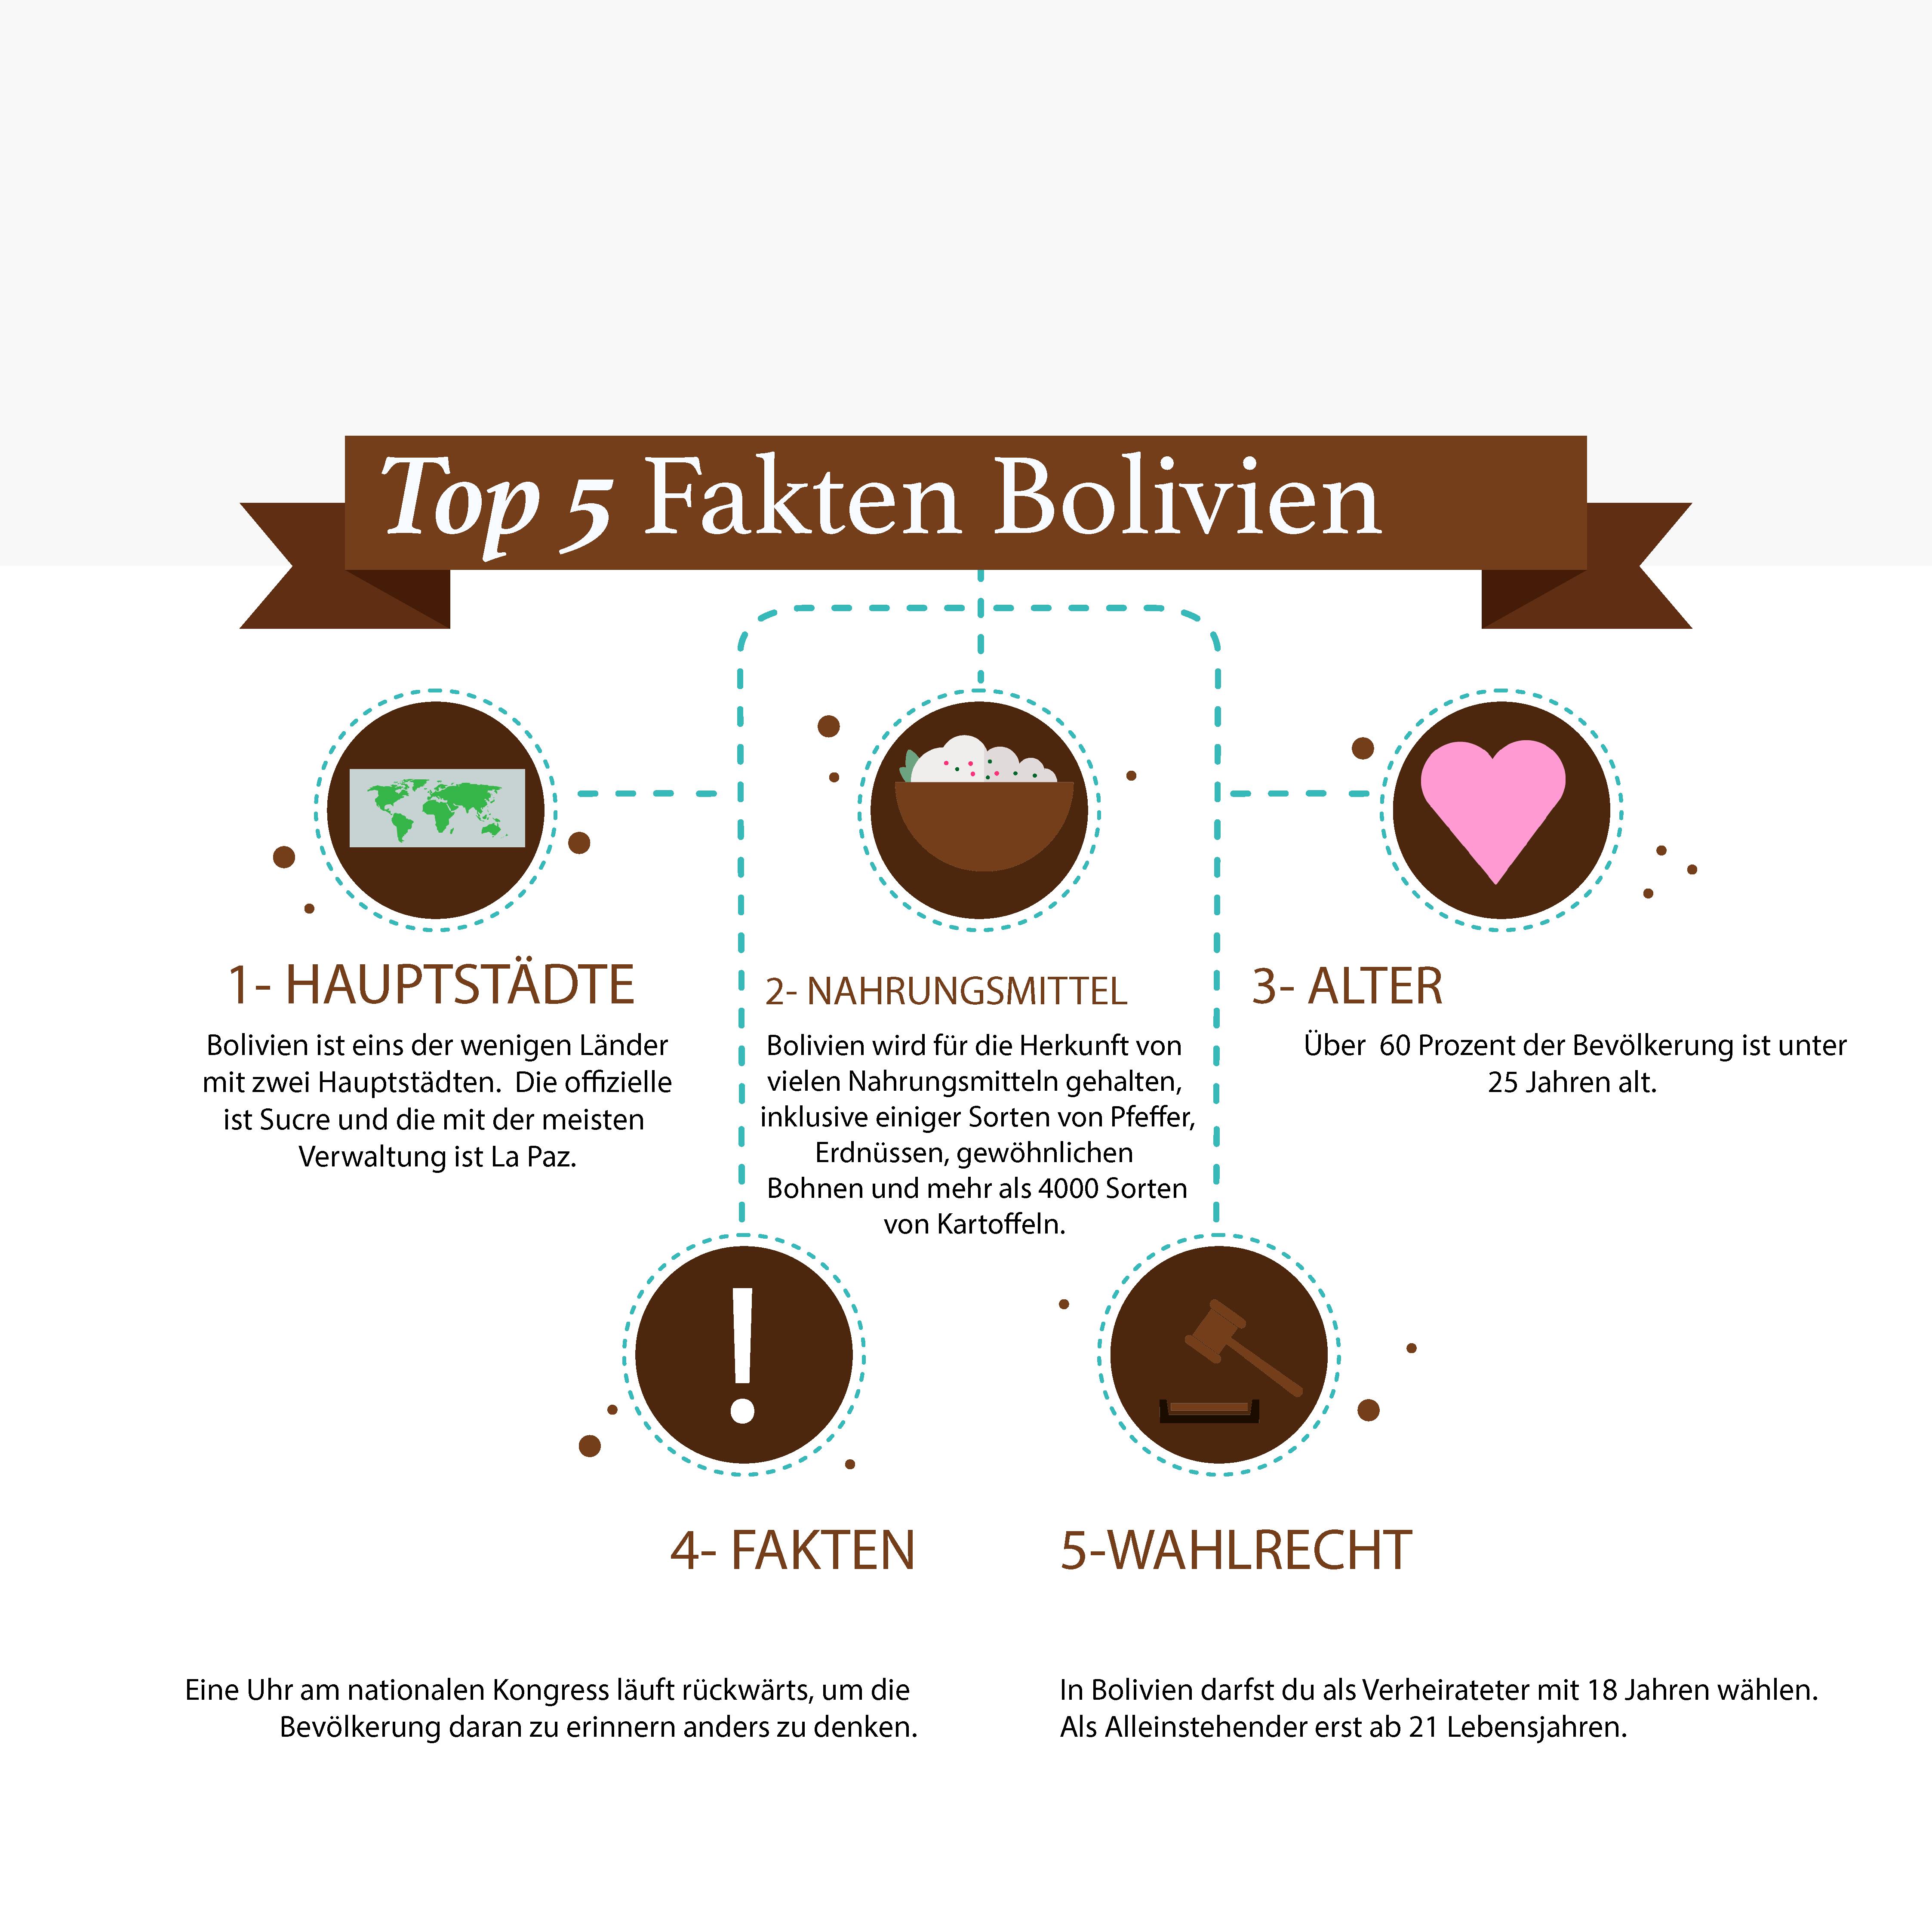 Top 5 Fakten Bolivien